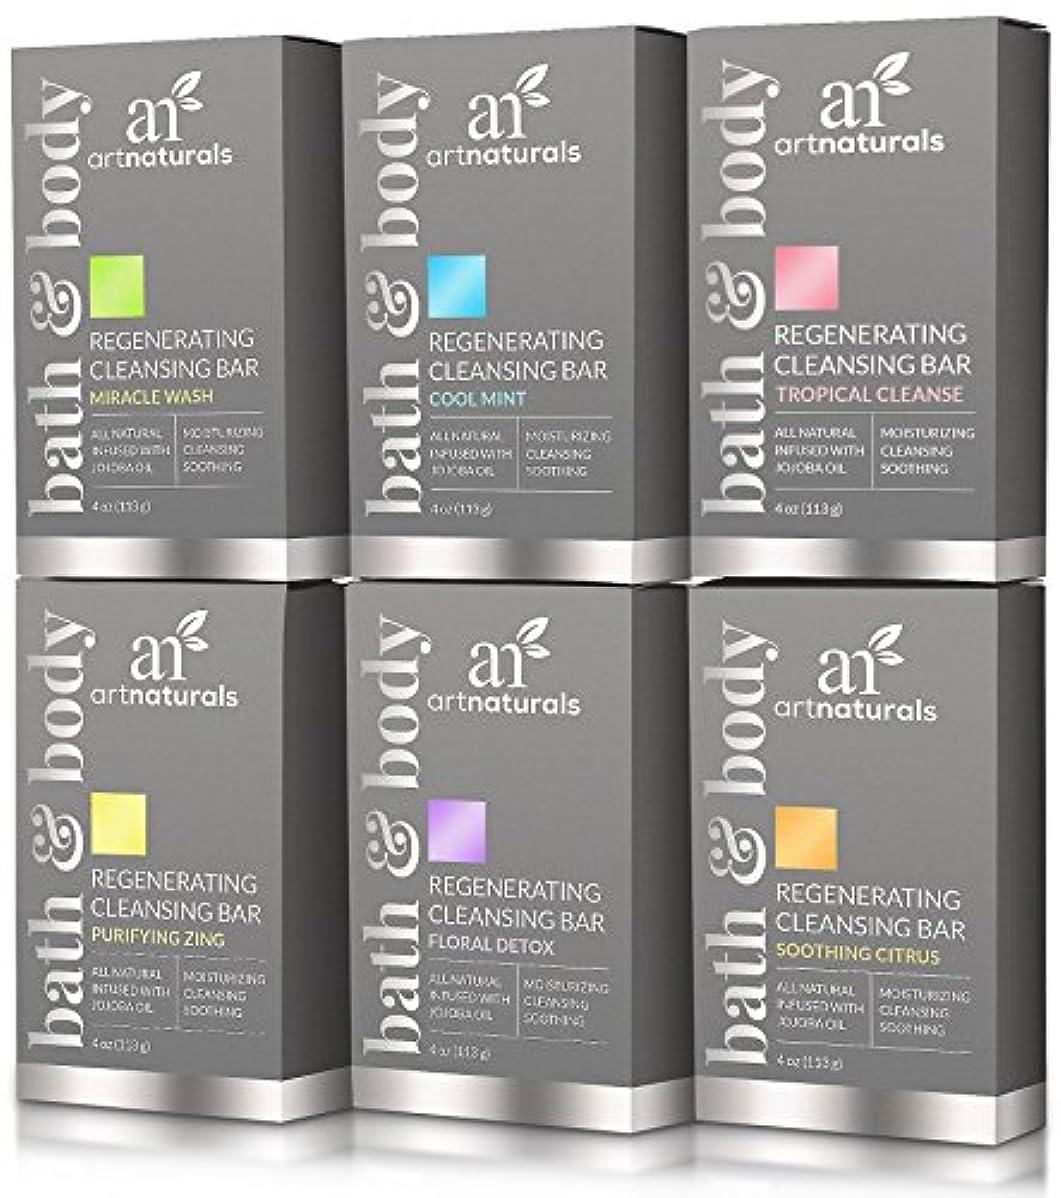 バングラデシュ連邦所有権ArtNaturals 6 Piece Soap Bar Set, 100% Natural and Infused with Jojoba Oil, Best for All Skin Types, Body and...